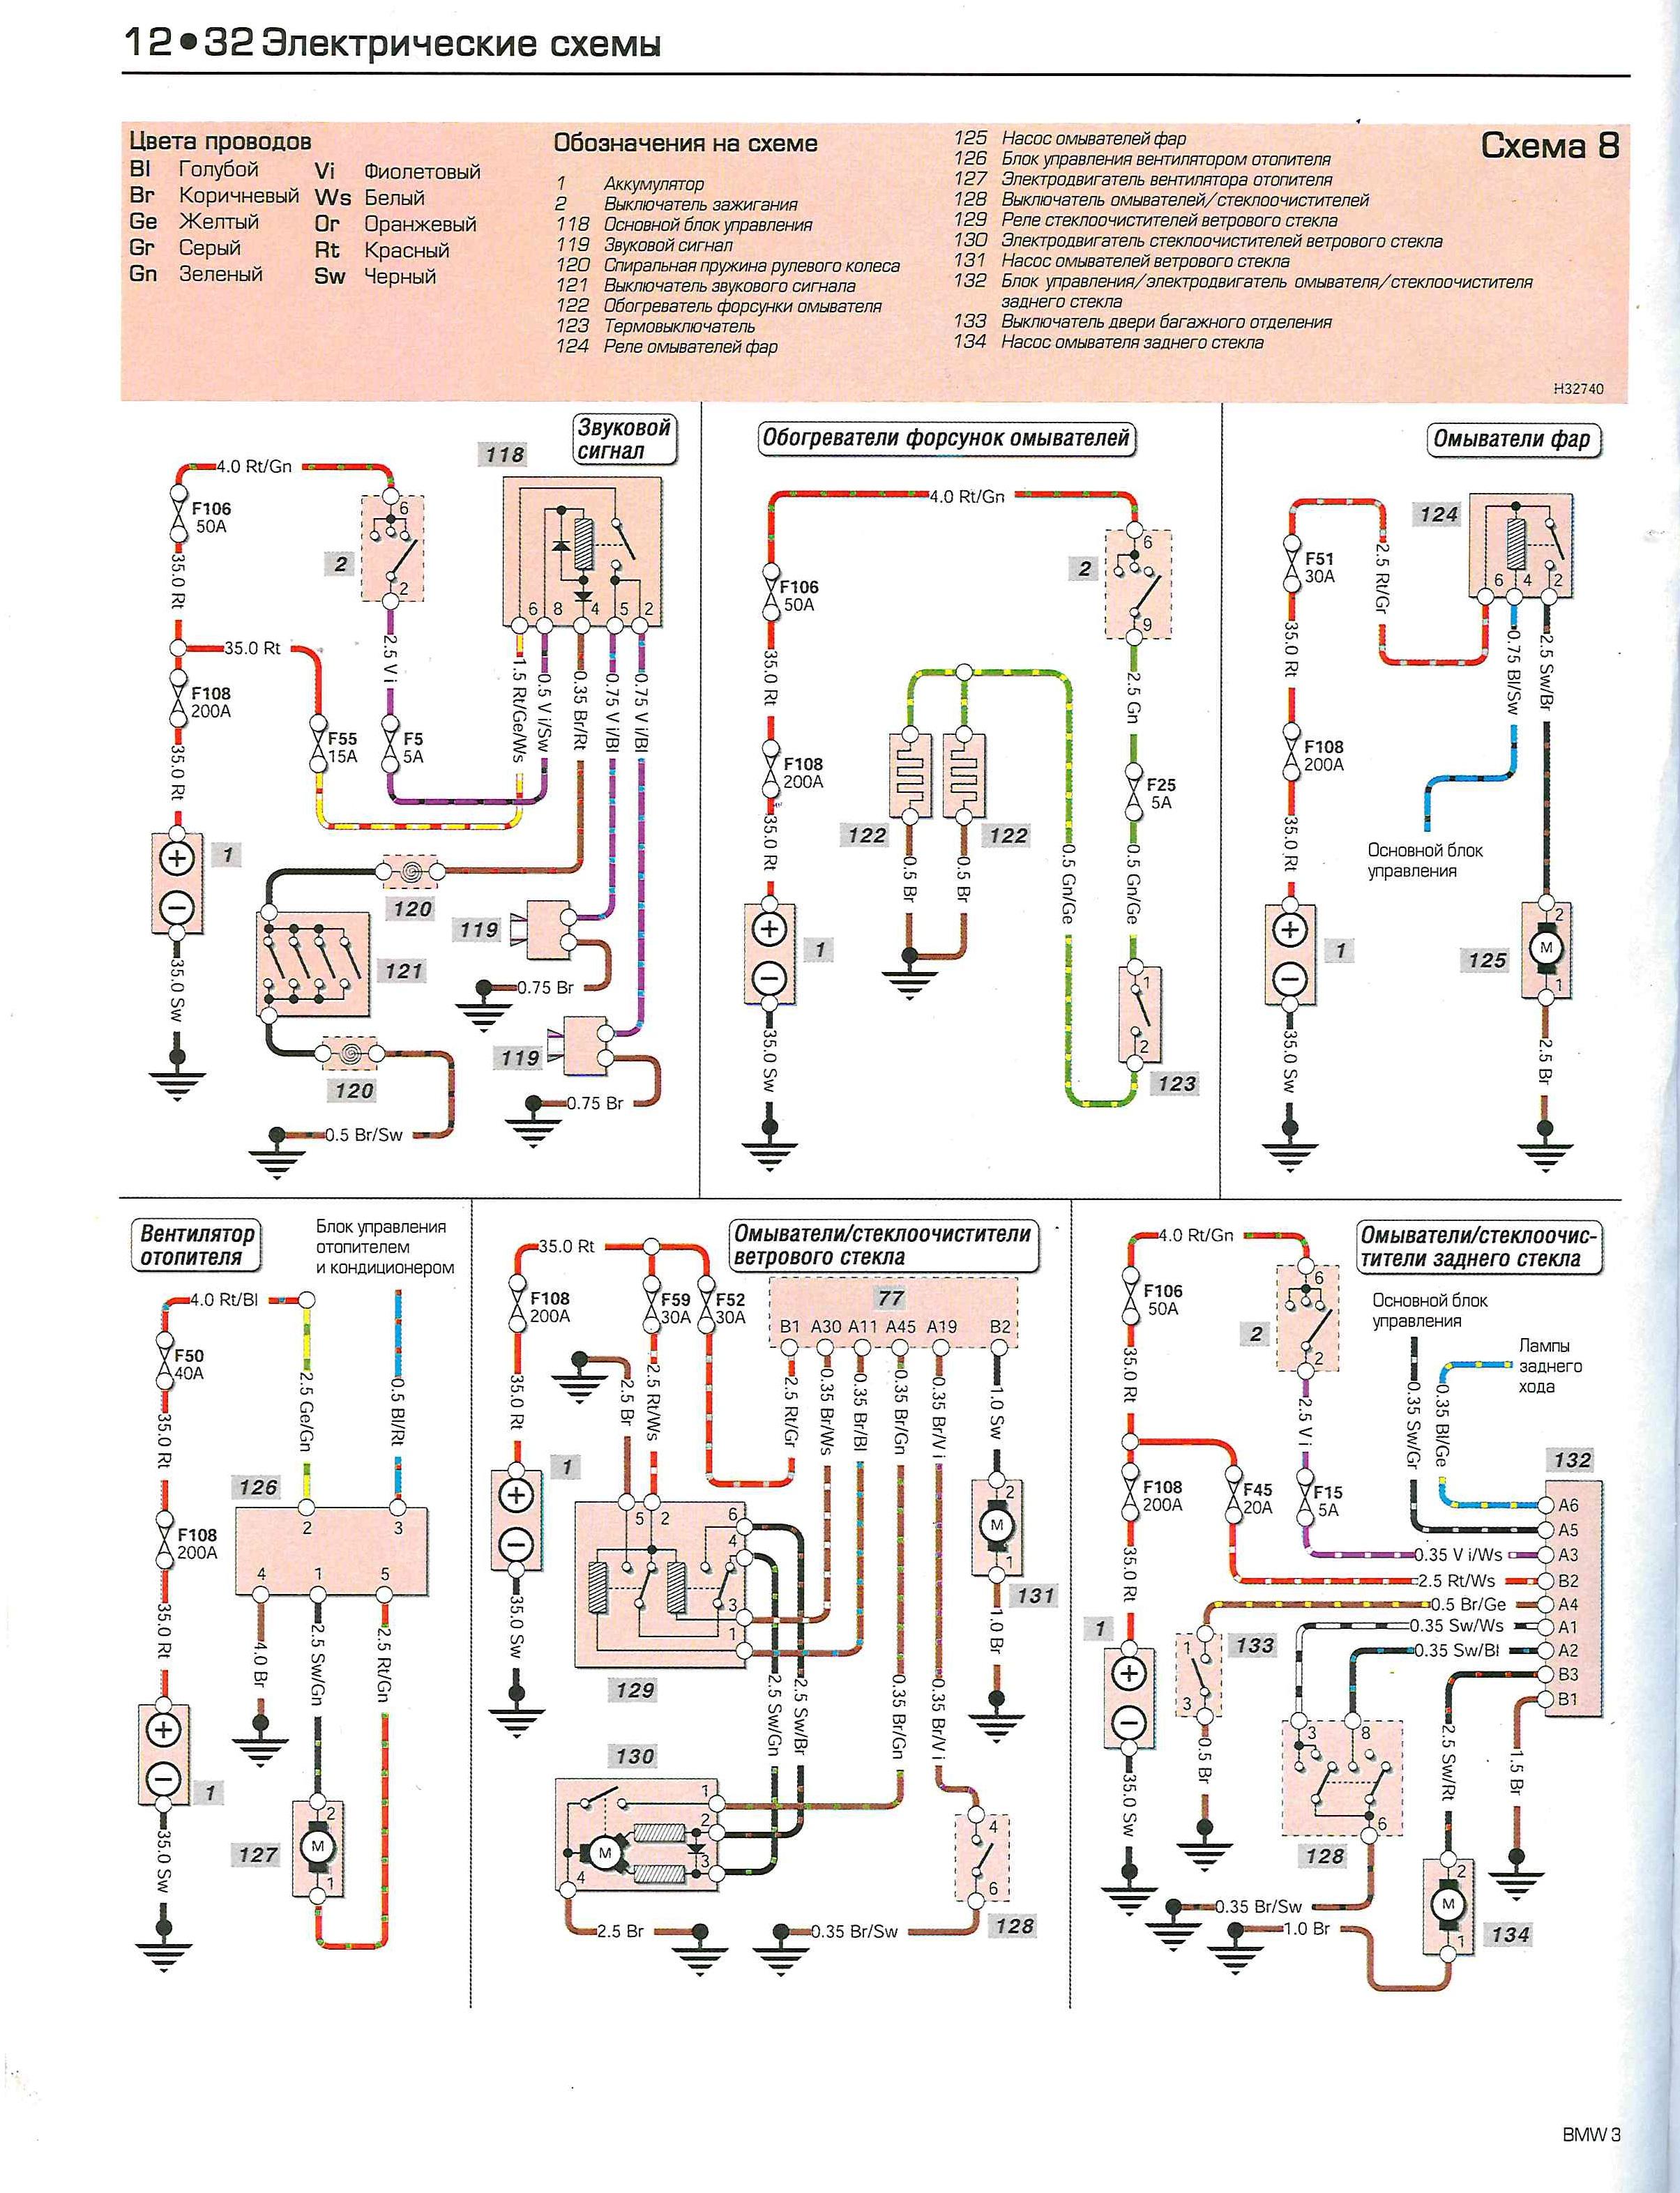 Схема топливной системы на бмв е39 дизель